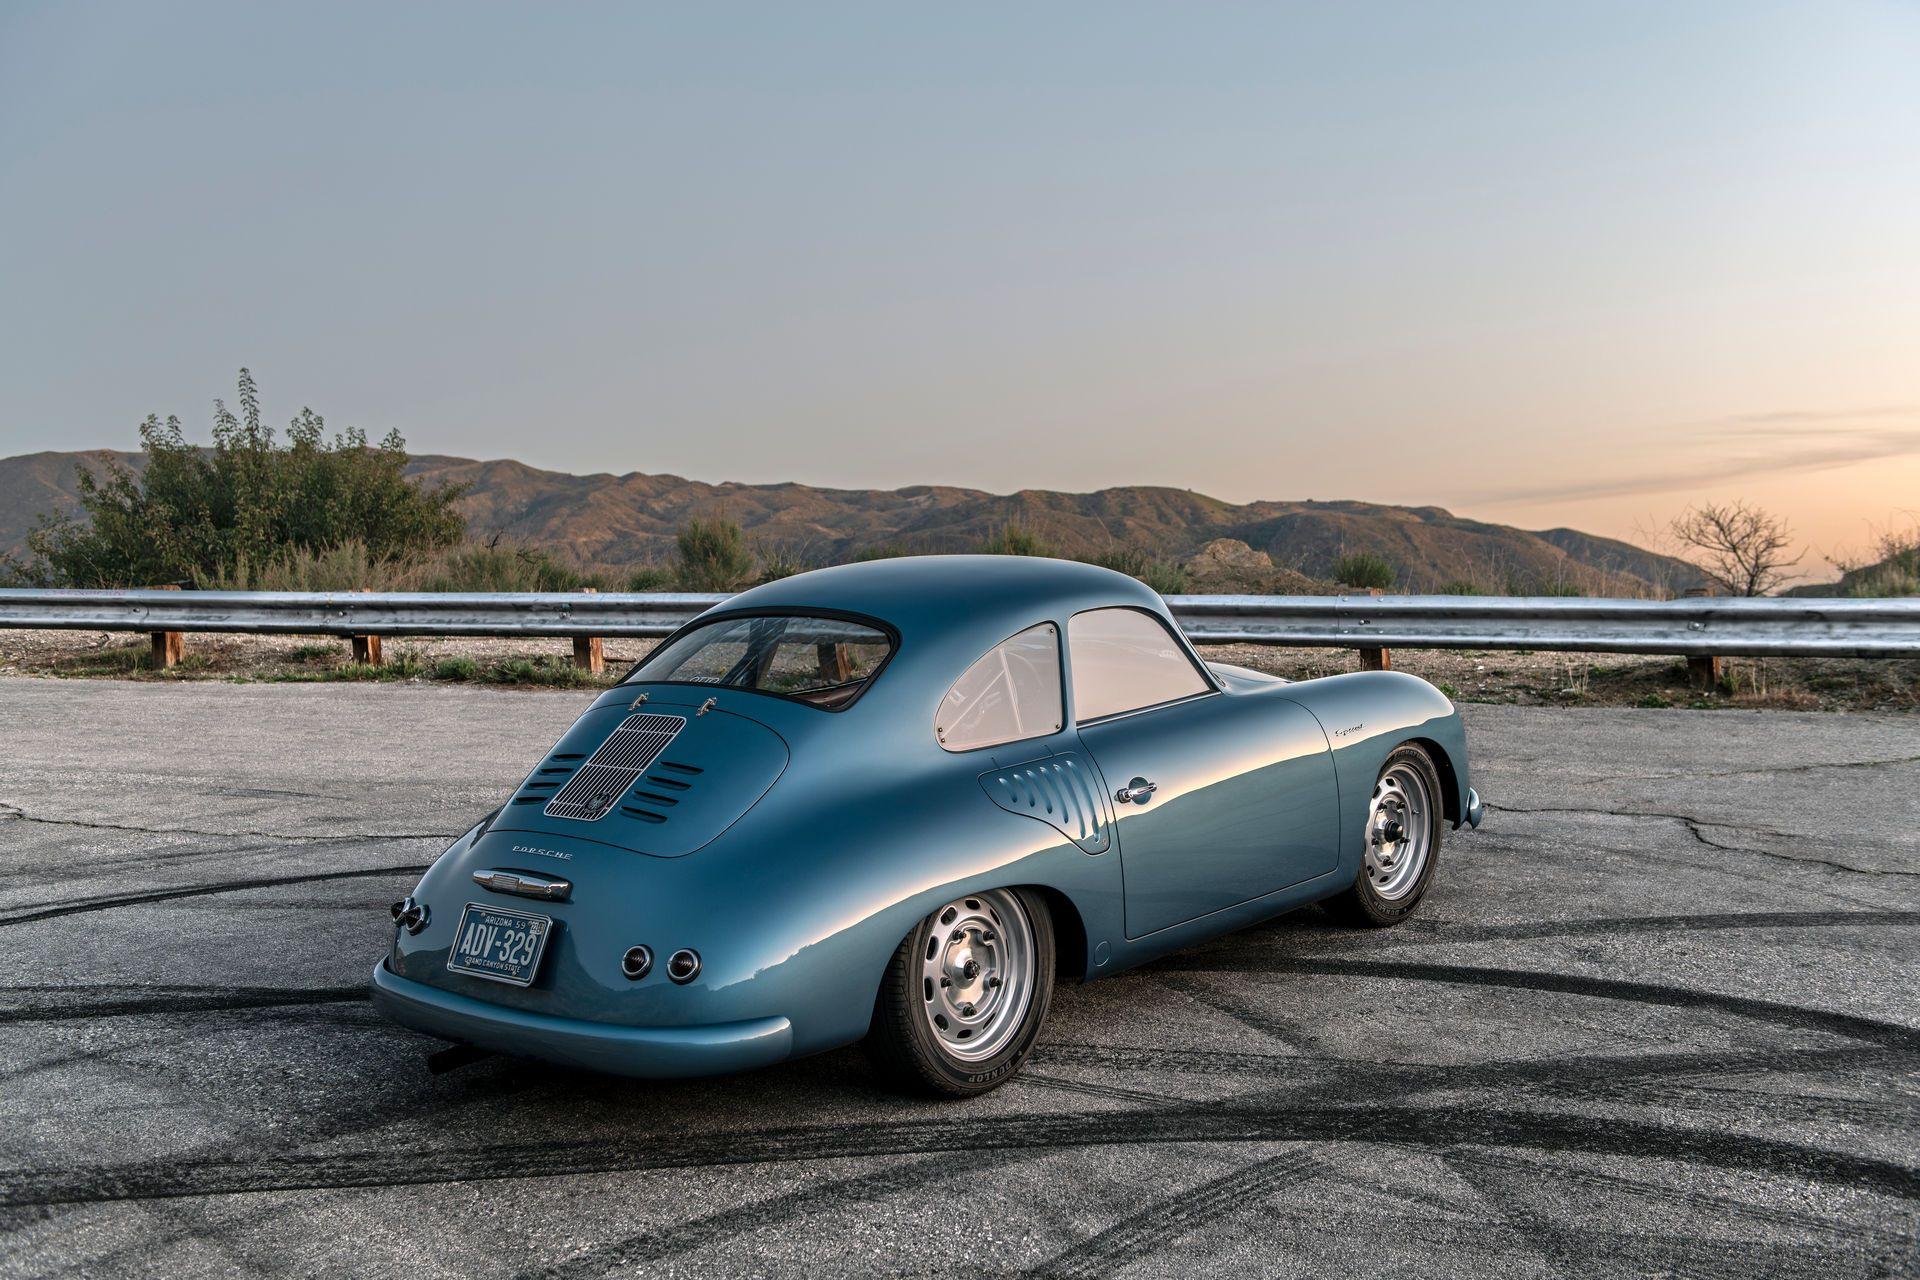 Porsche-356-A-Coupe-Restomod-Emory-Motorsports-52